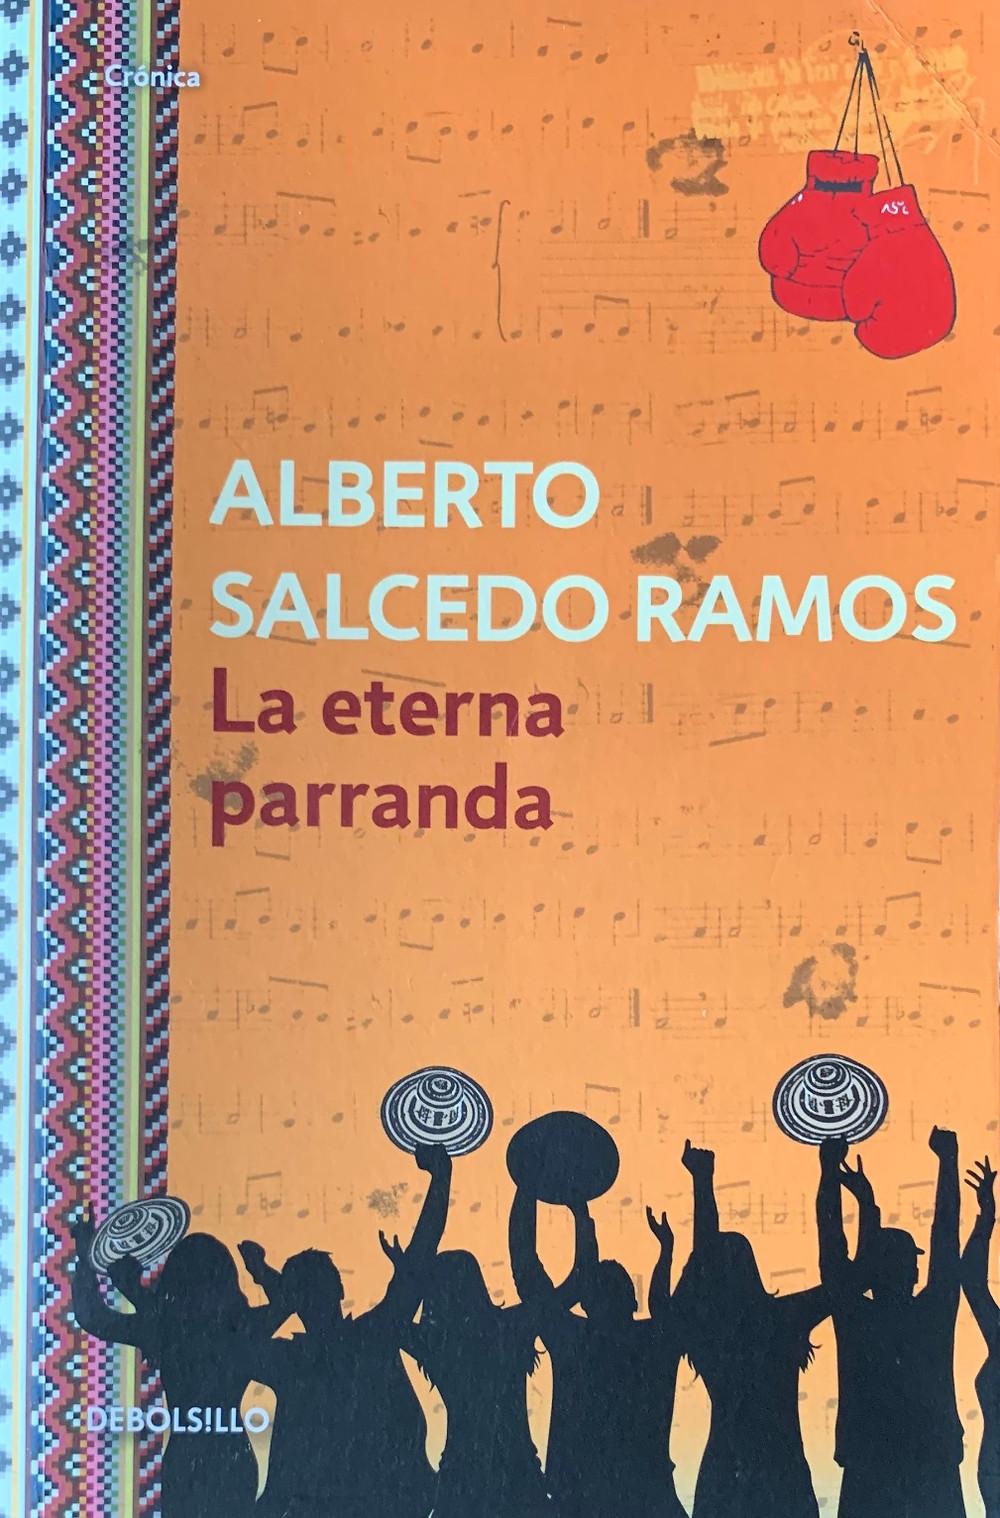 En Colombia, Alberto Salcedo Ramos es considerado como el mayor exponente del periodismo narrativo.